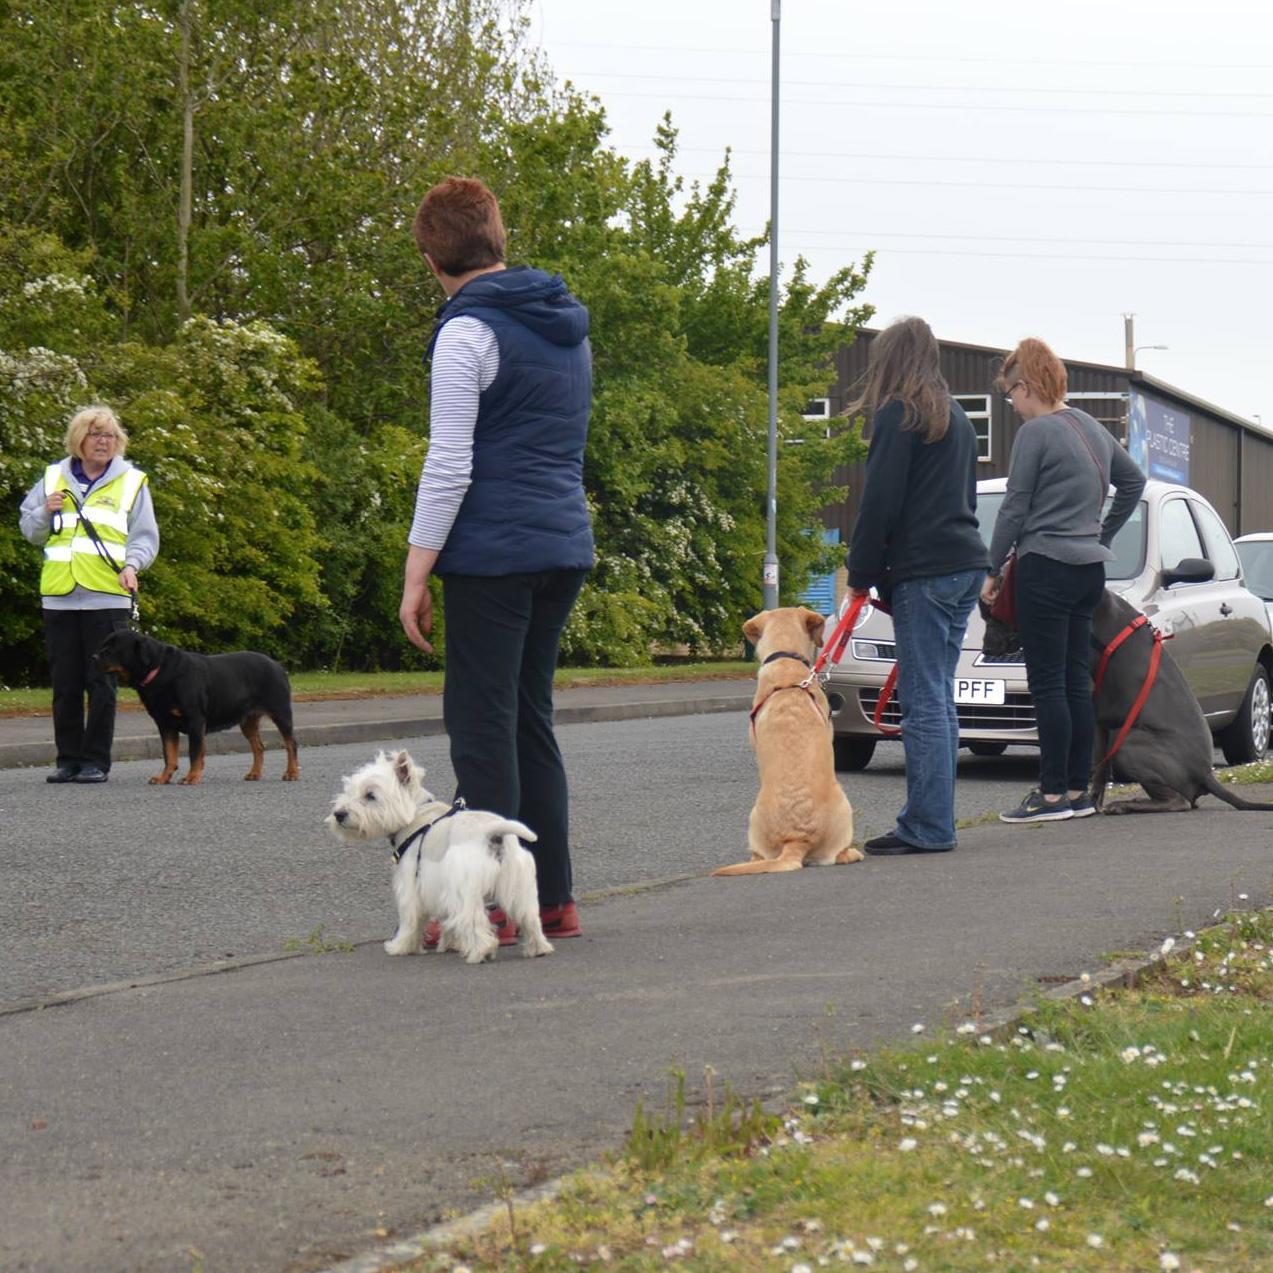 Dog Training Washington Tyne And Wear